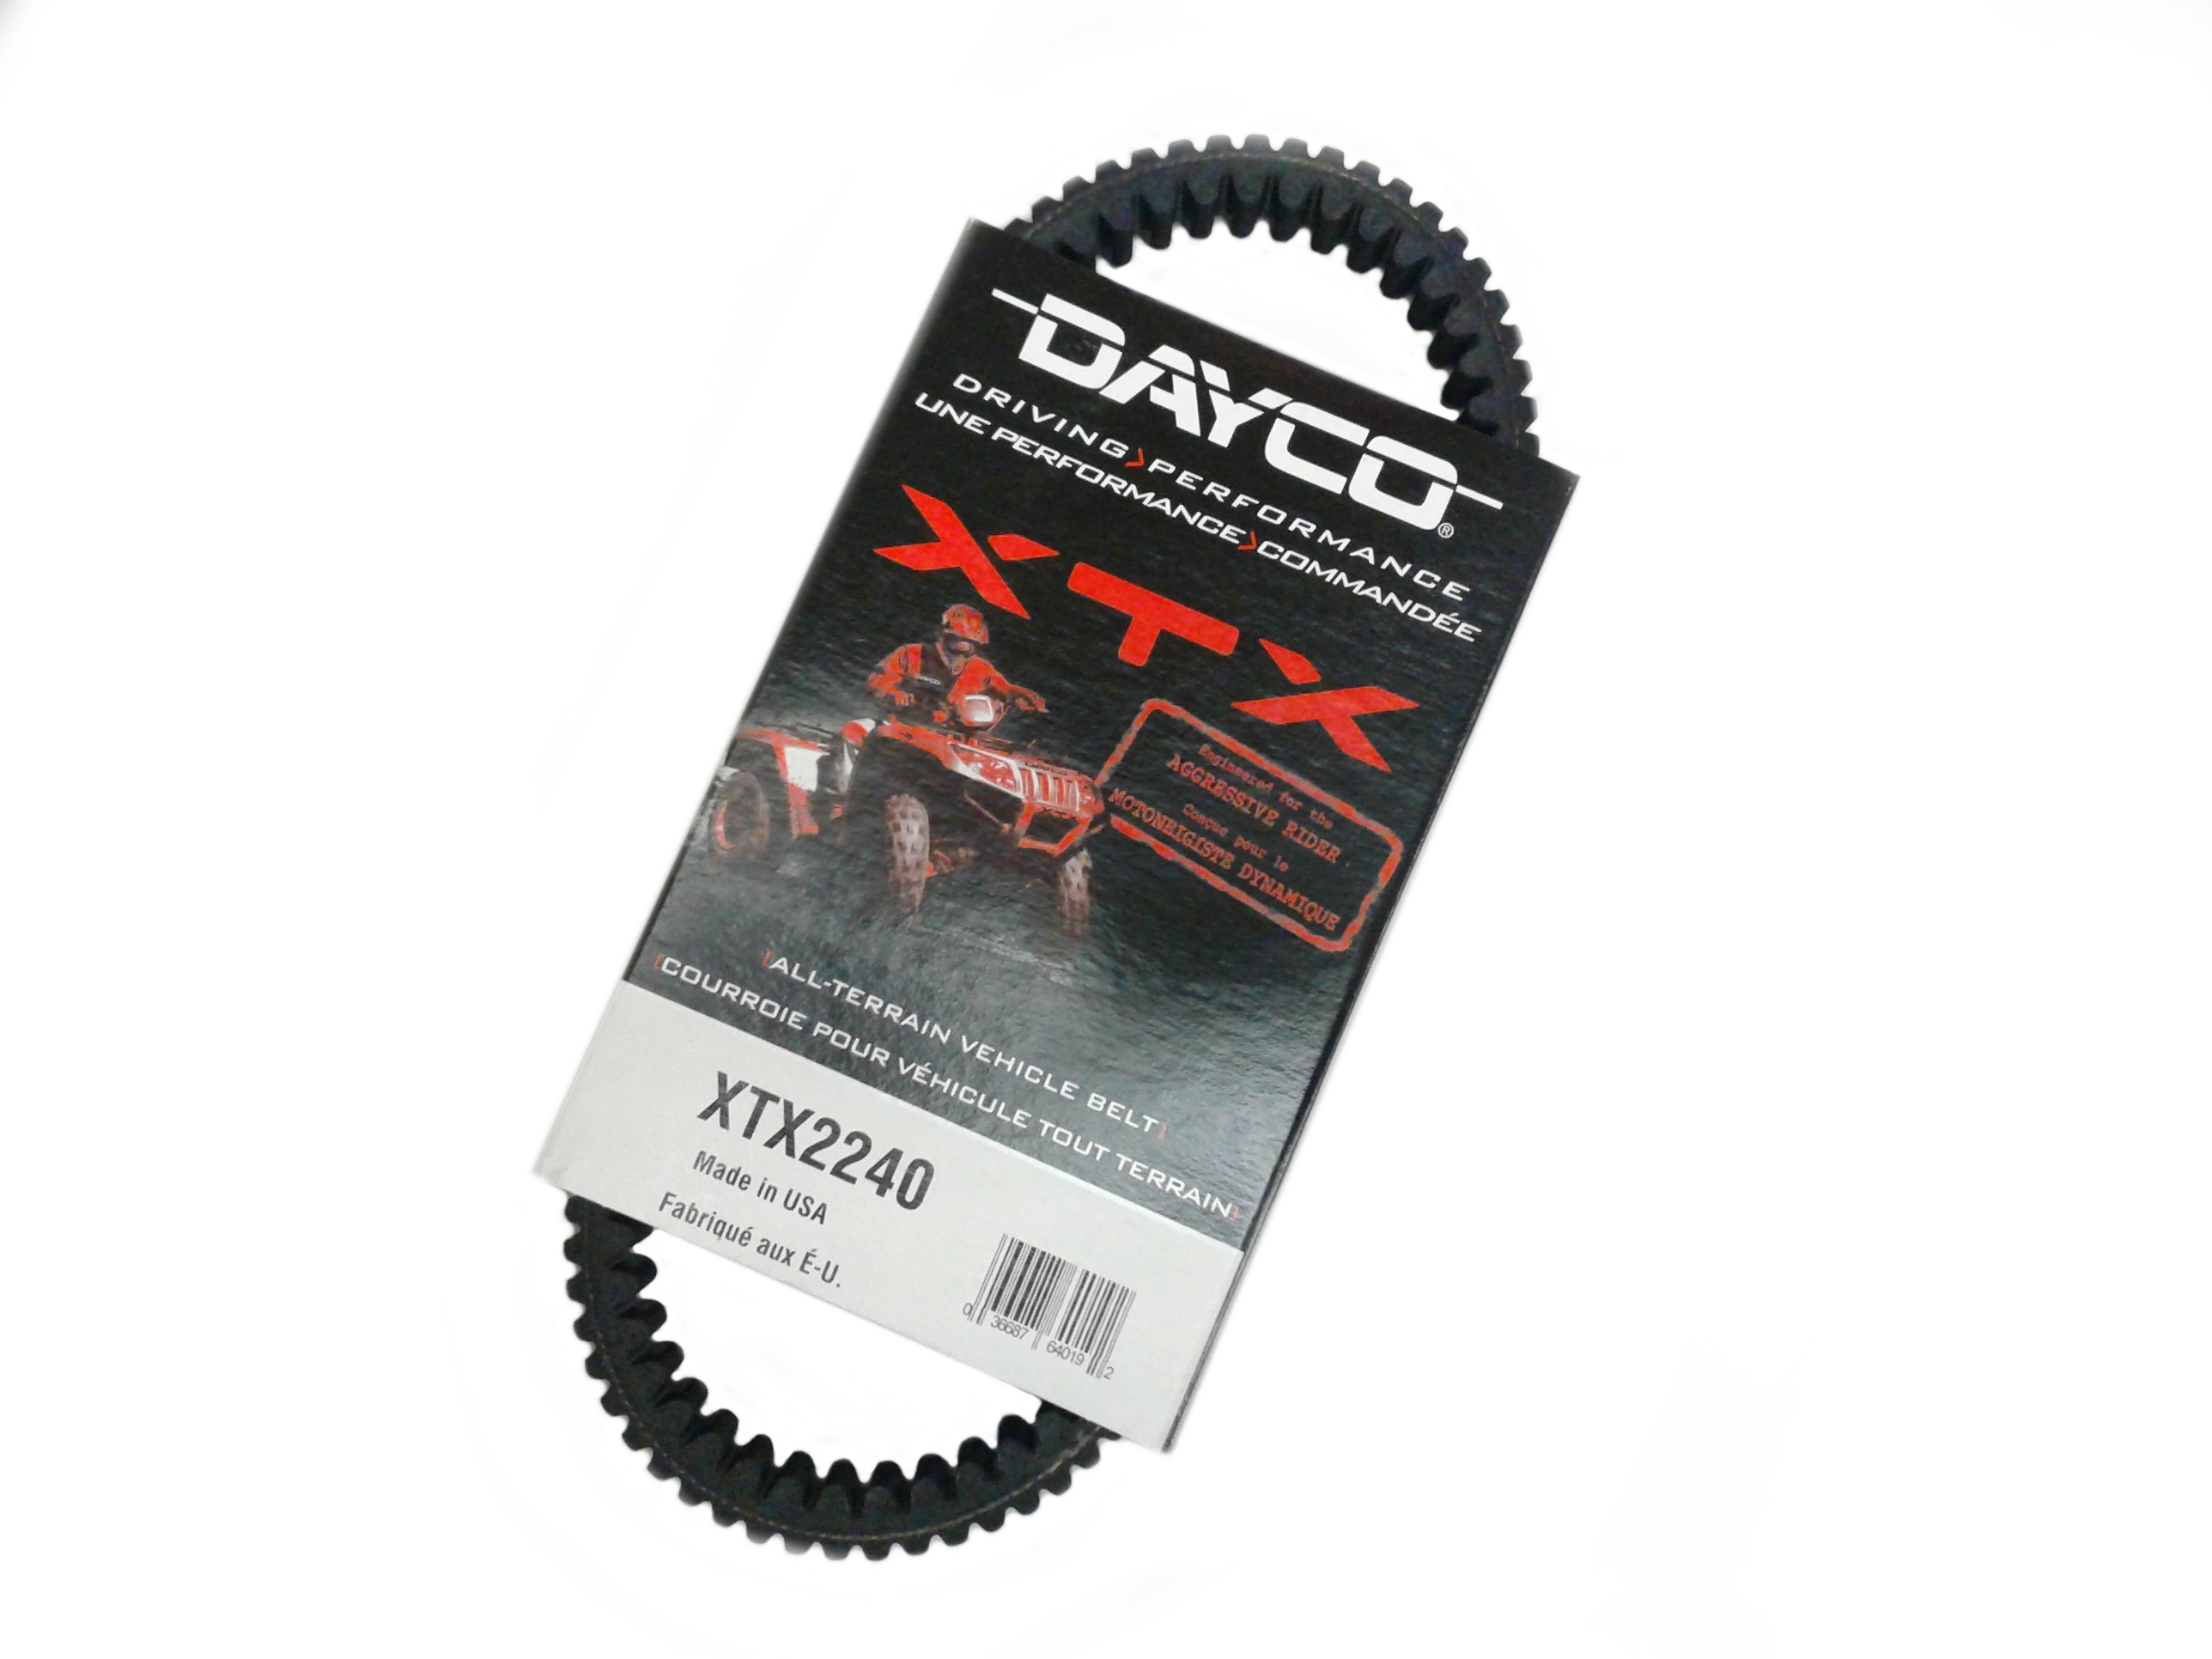 DAYCO XTX Drive Belt XTX2234